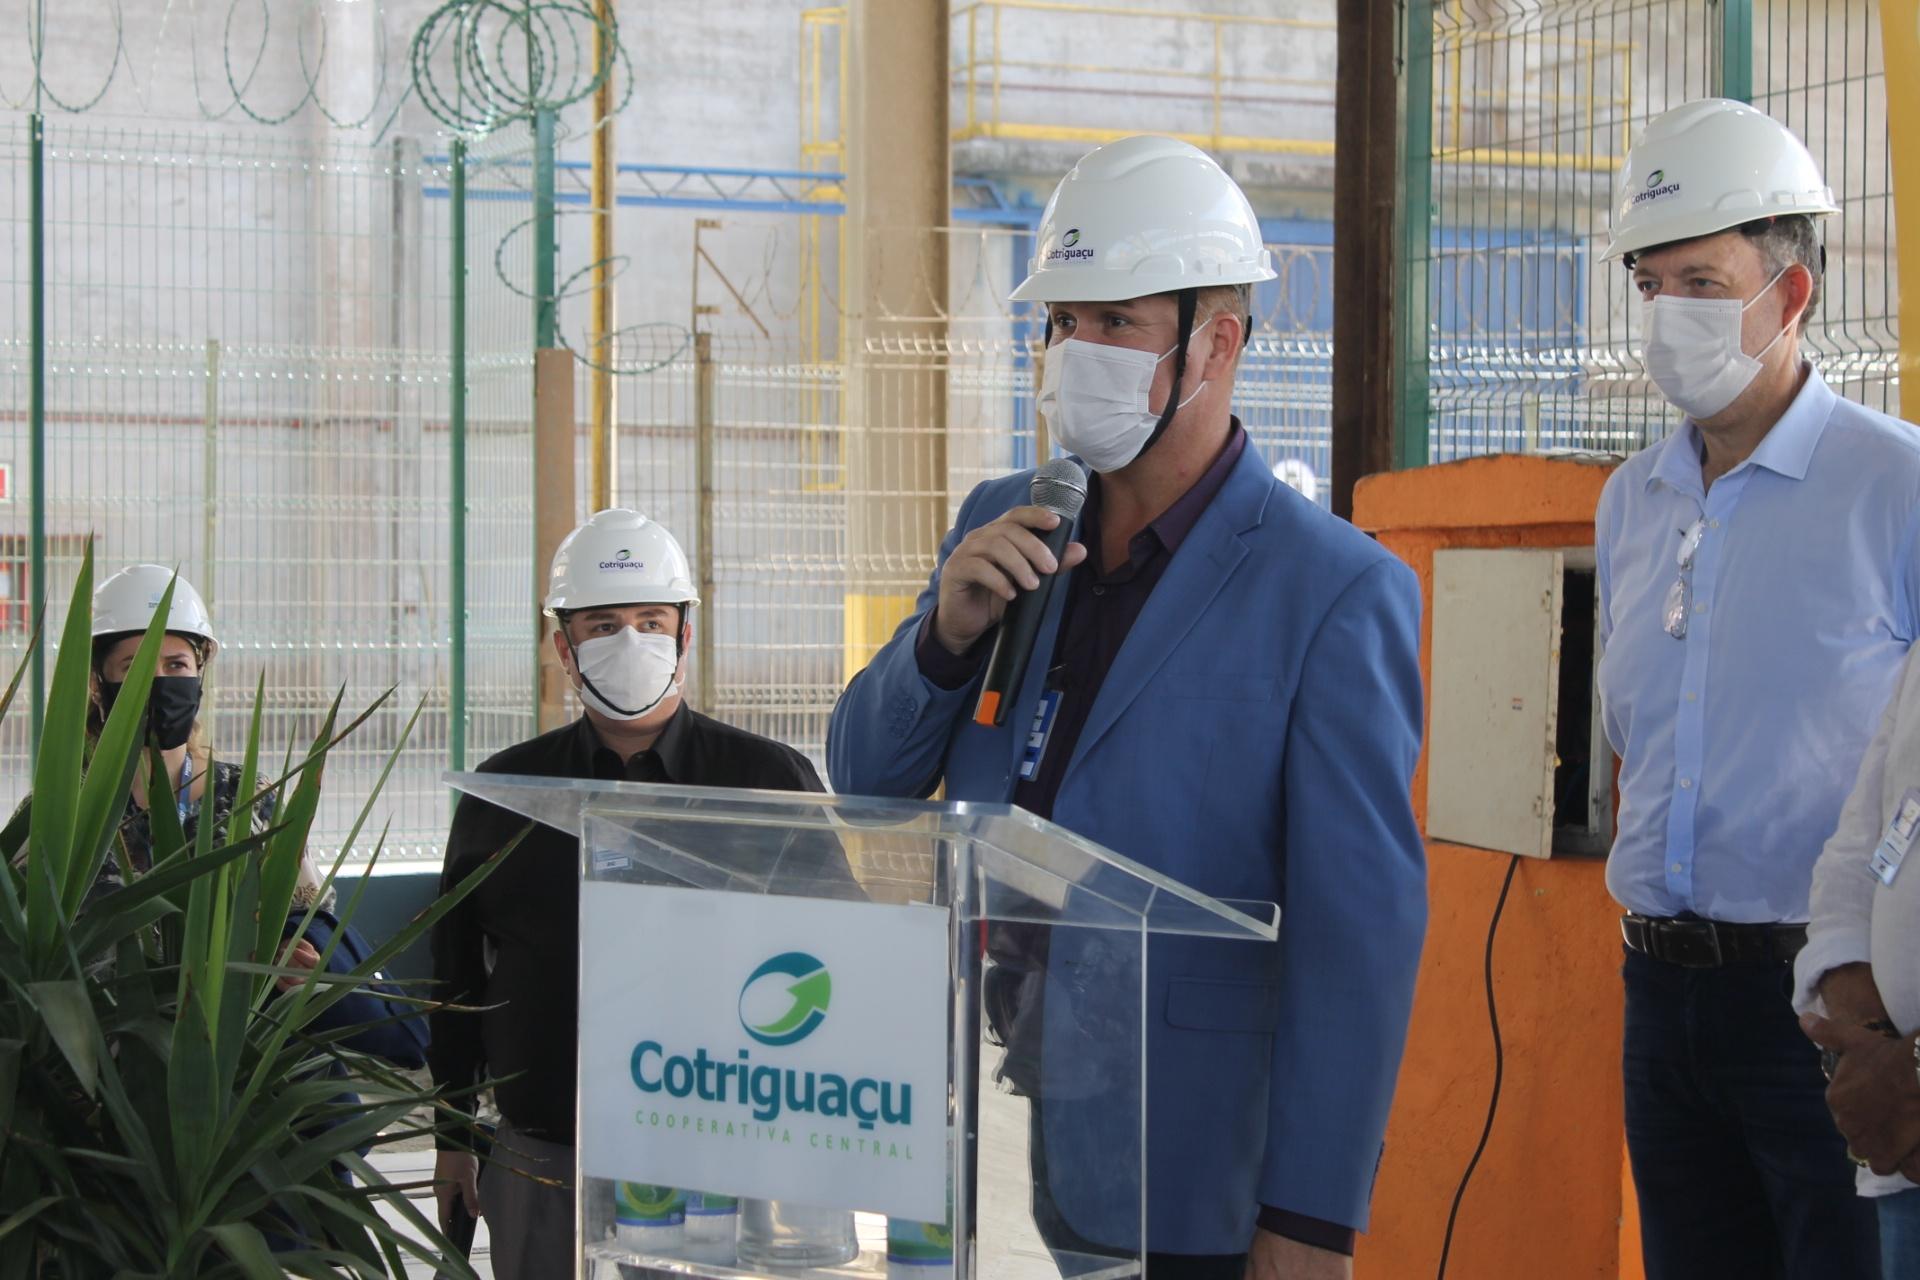 Prefeito Marcelo Roque destaca importância da Cotriguaçu para a economia de Paranaguá e que investimento deverá reduzir impacto do modal ferroviário na Avenida Coronel José Lobo